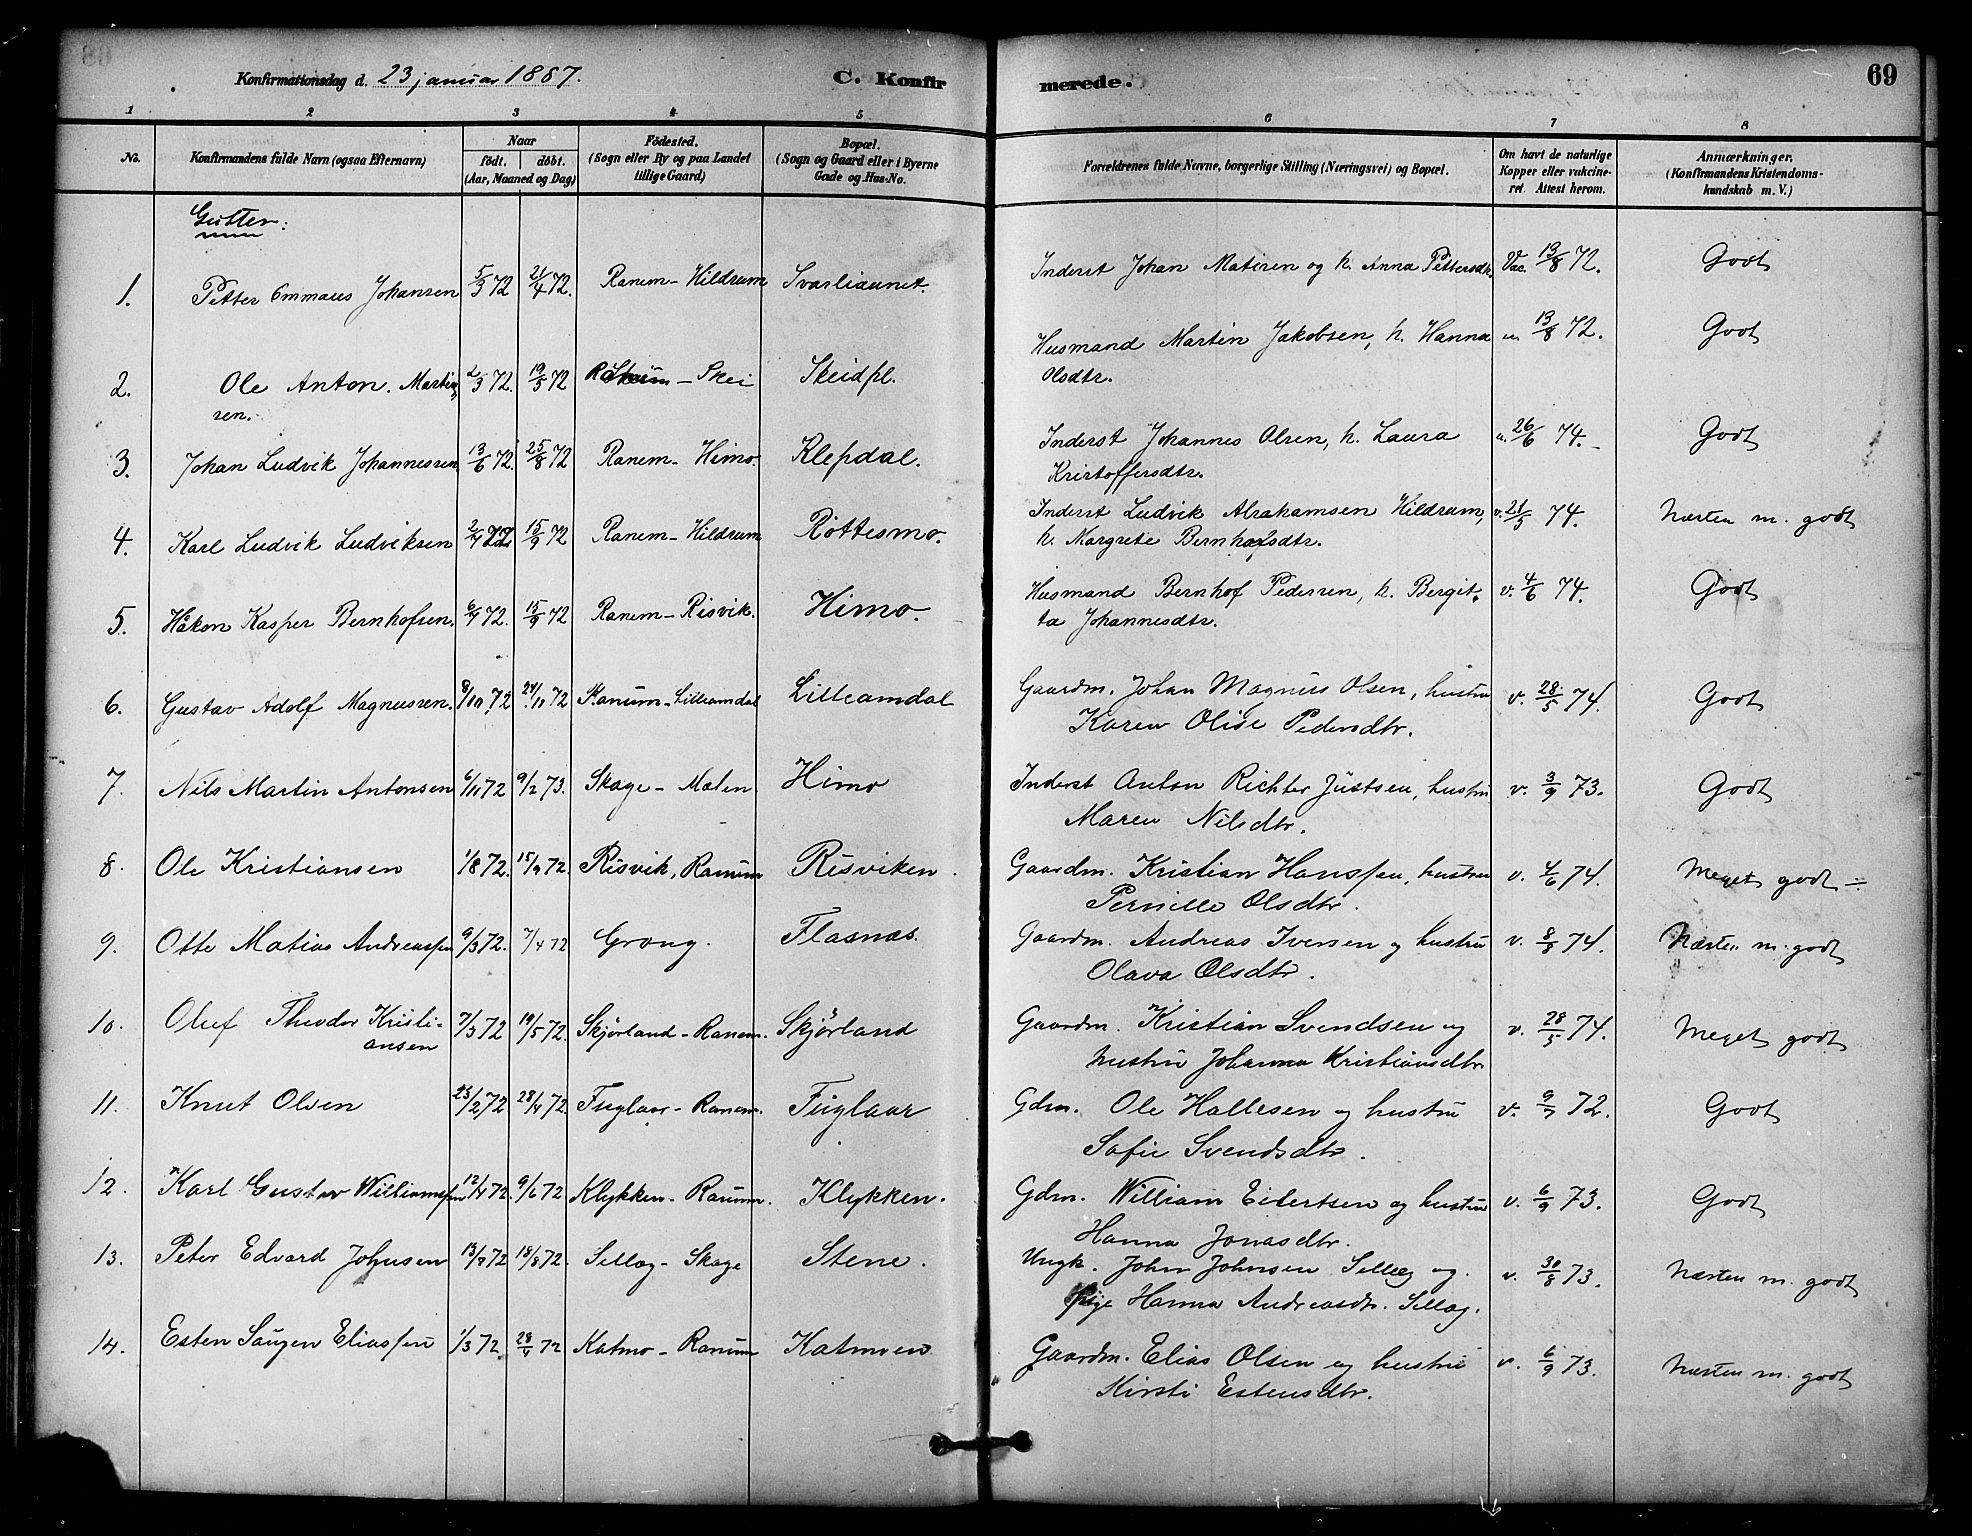 SAT, Ministerialprotokoller, klokkerbøker og fødselsregistre - Nord-Trøndelag, 764/L0555: Ministerialbok nr. 764A10, 1881-1896, s. 69